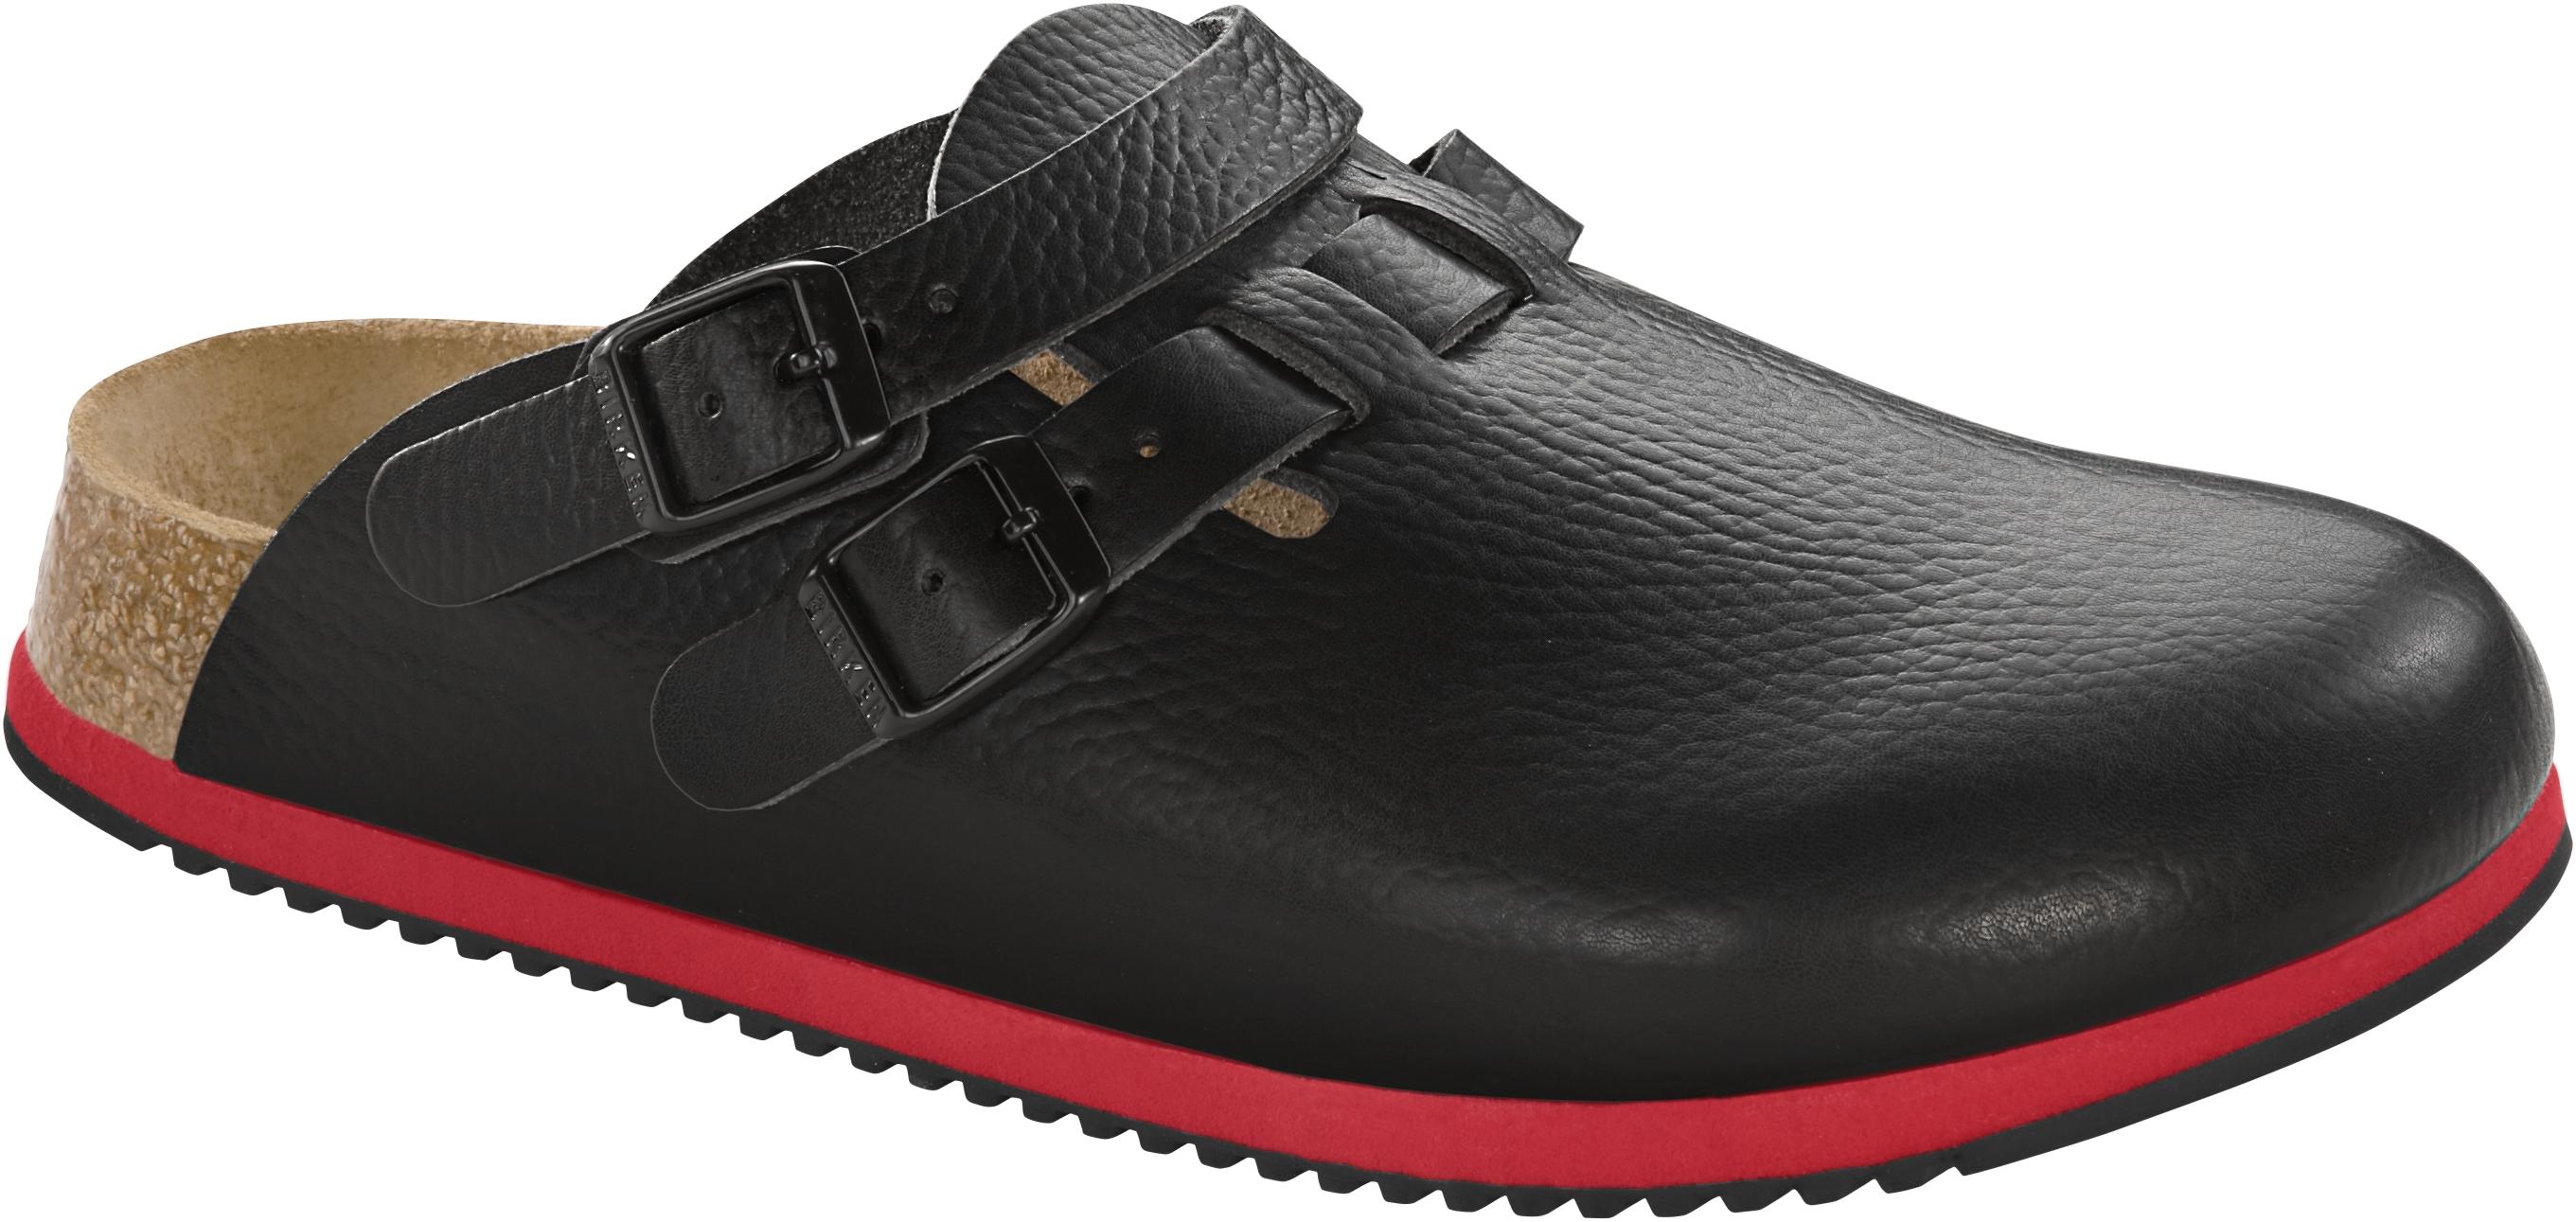 Birkenstock Professional Clog Kay Sl Black Sl Leder Gr. 35 46 582636 + 582634